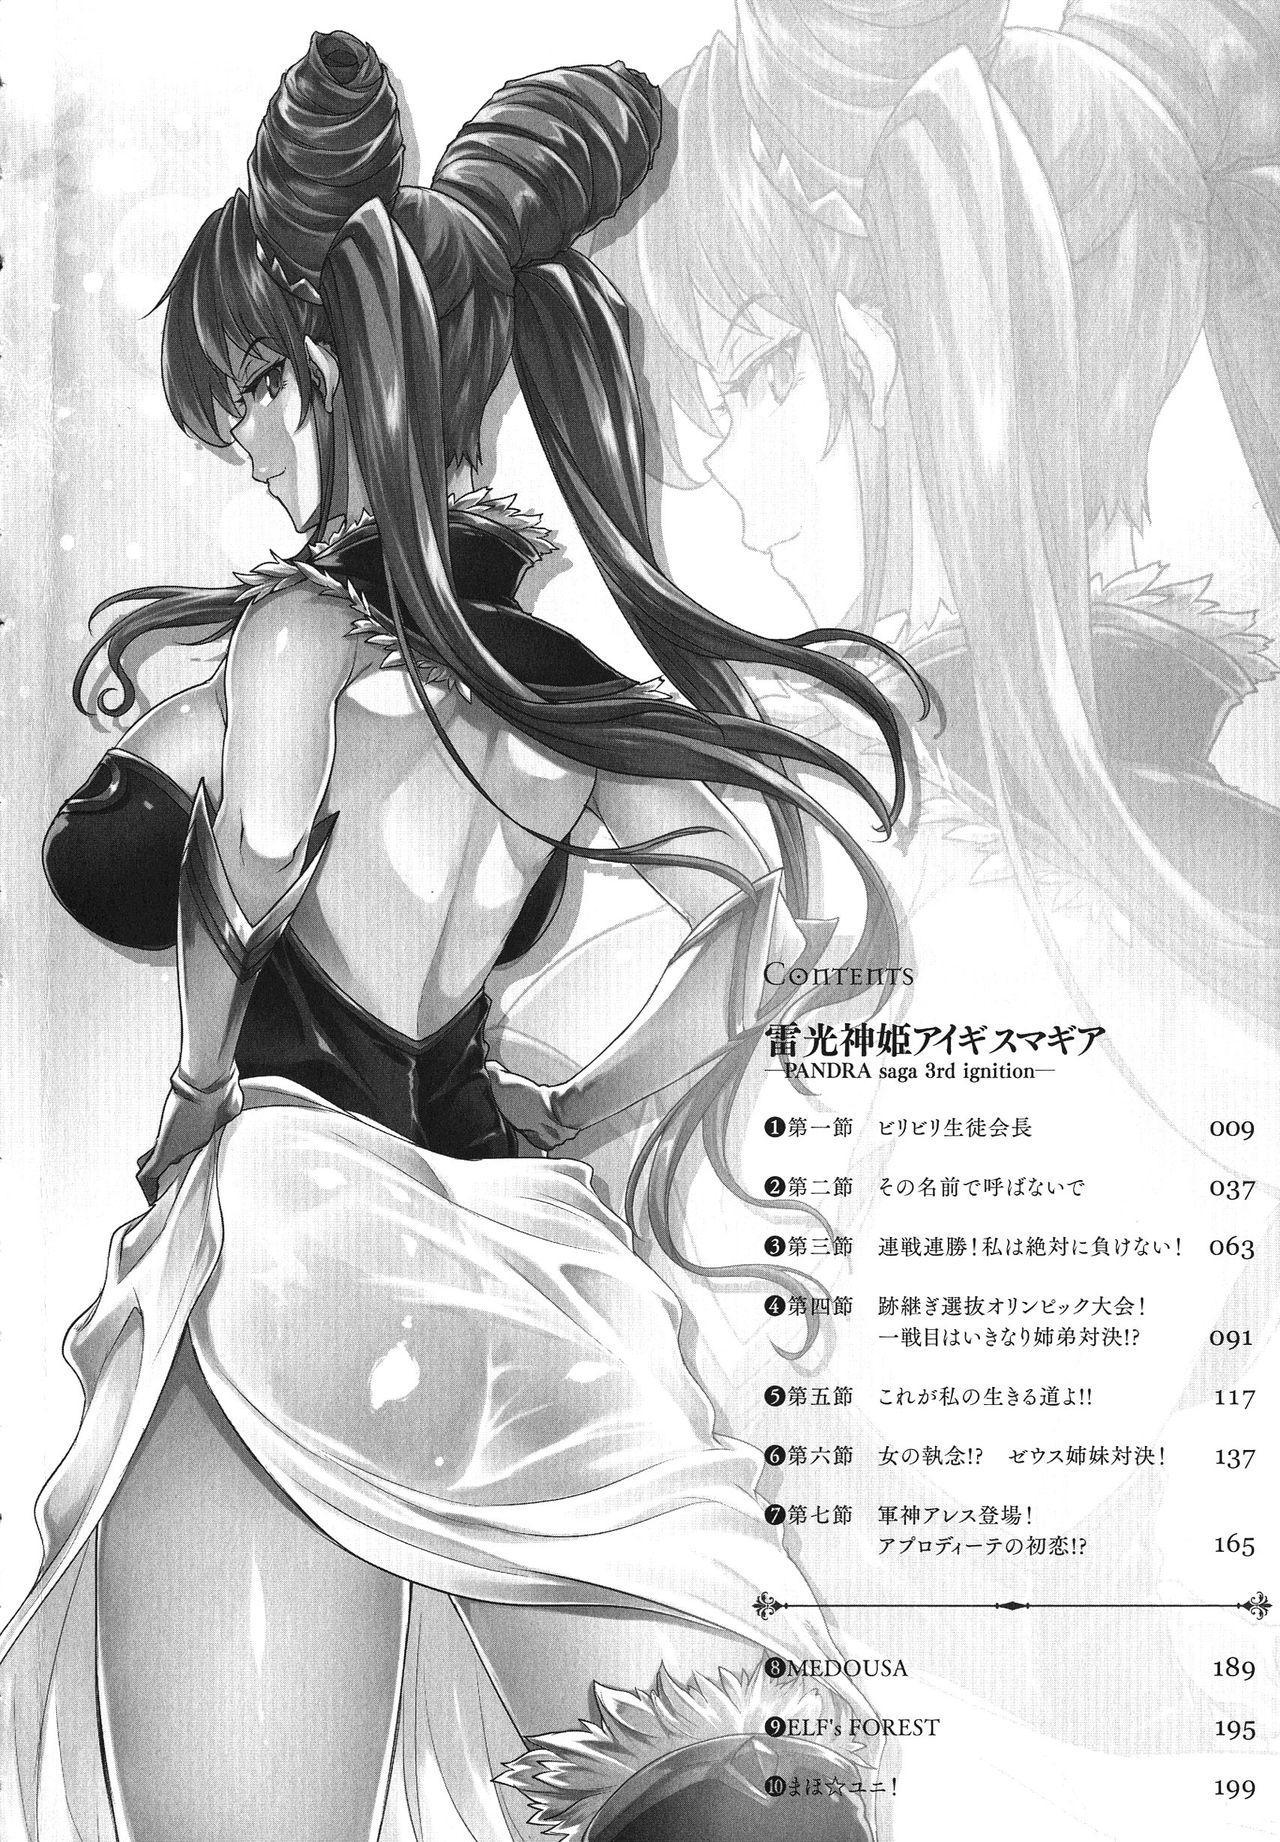 [Erect Sawaru] Raikou Shinki Igis Magia -PANDRA saga 3rd ignition- Ch. 1-5 [English] [CGrascal] 4